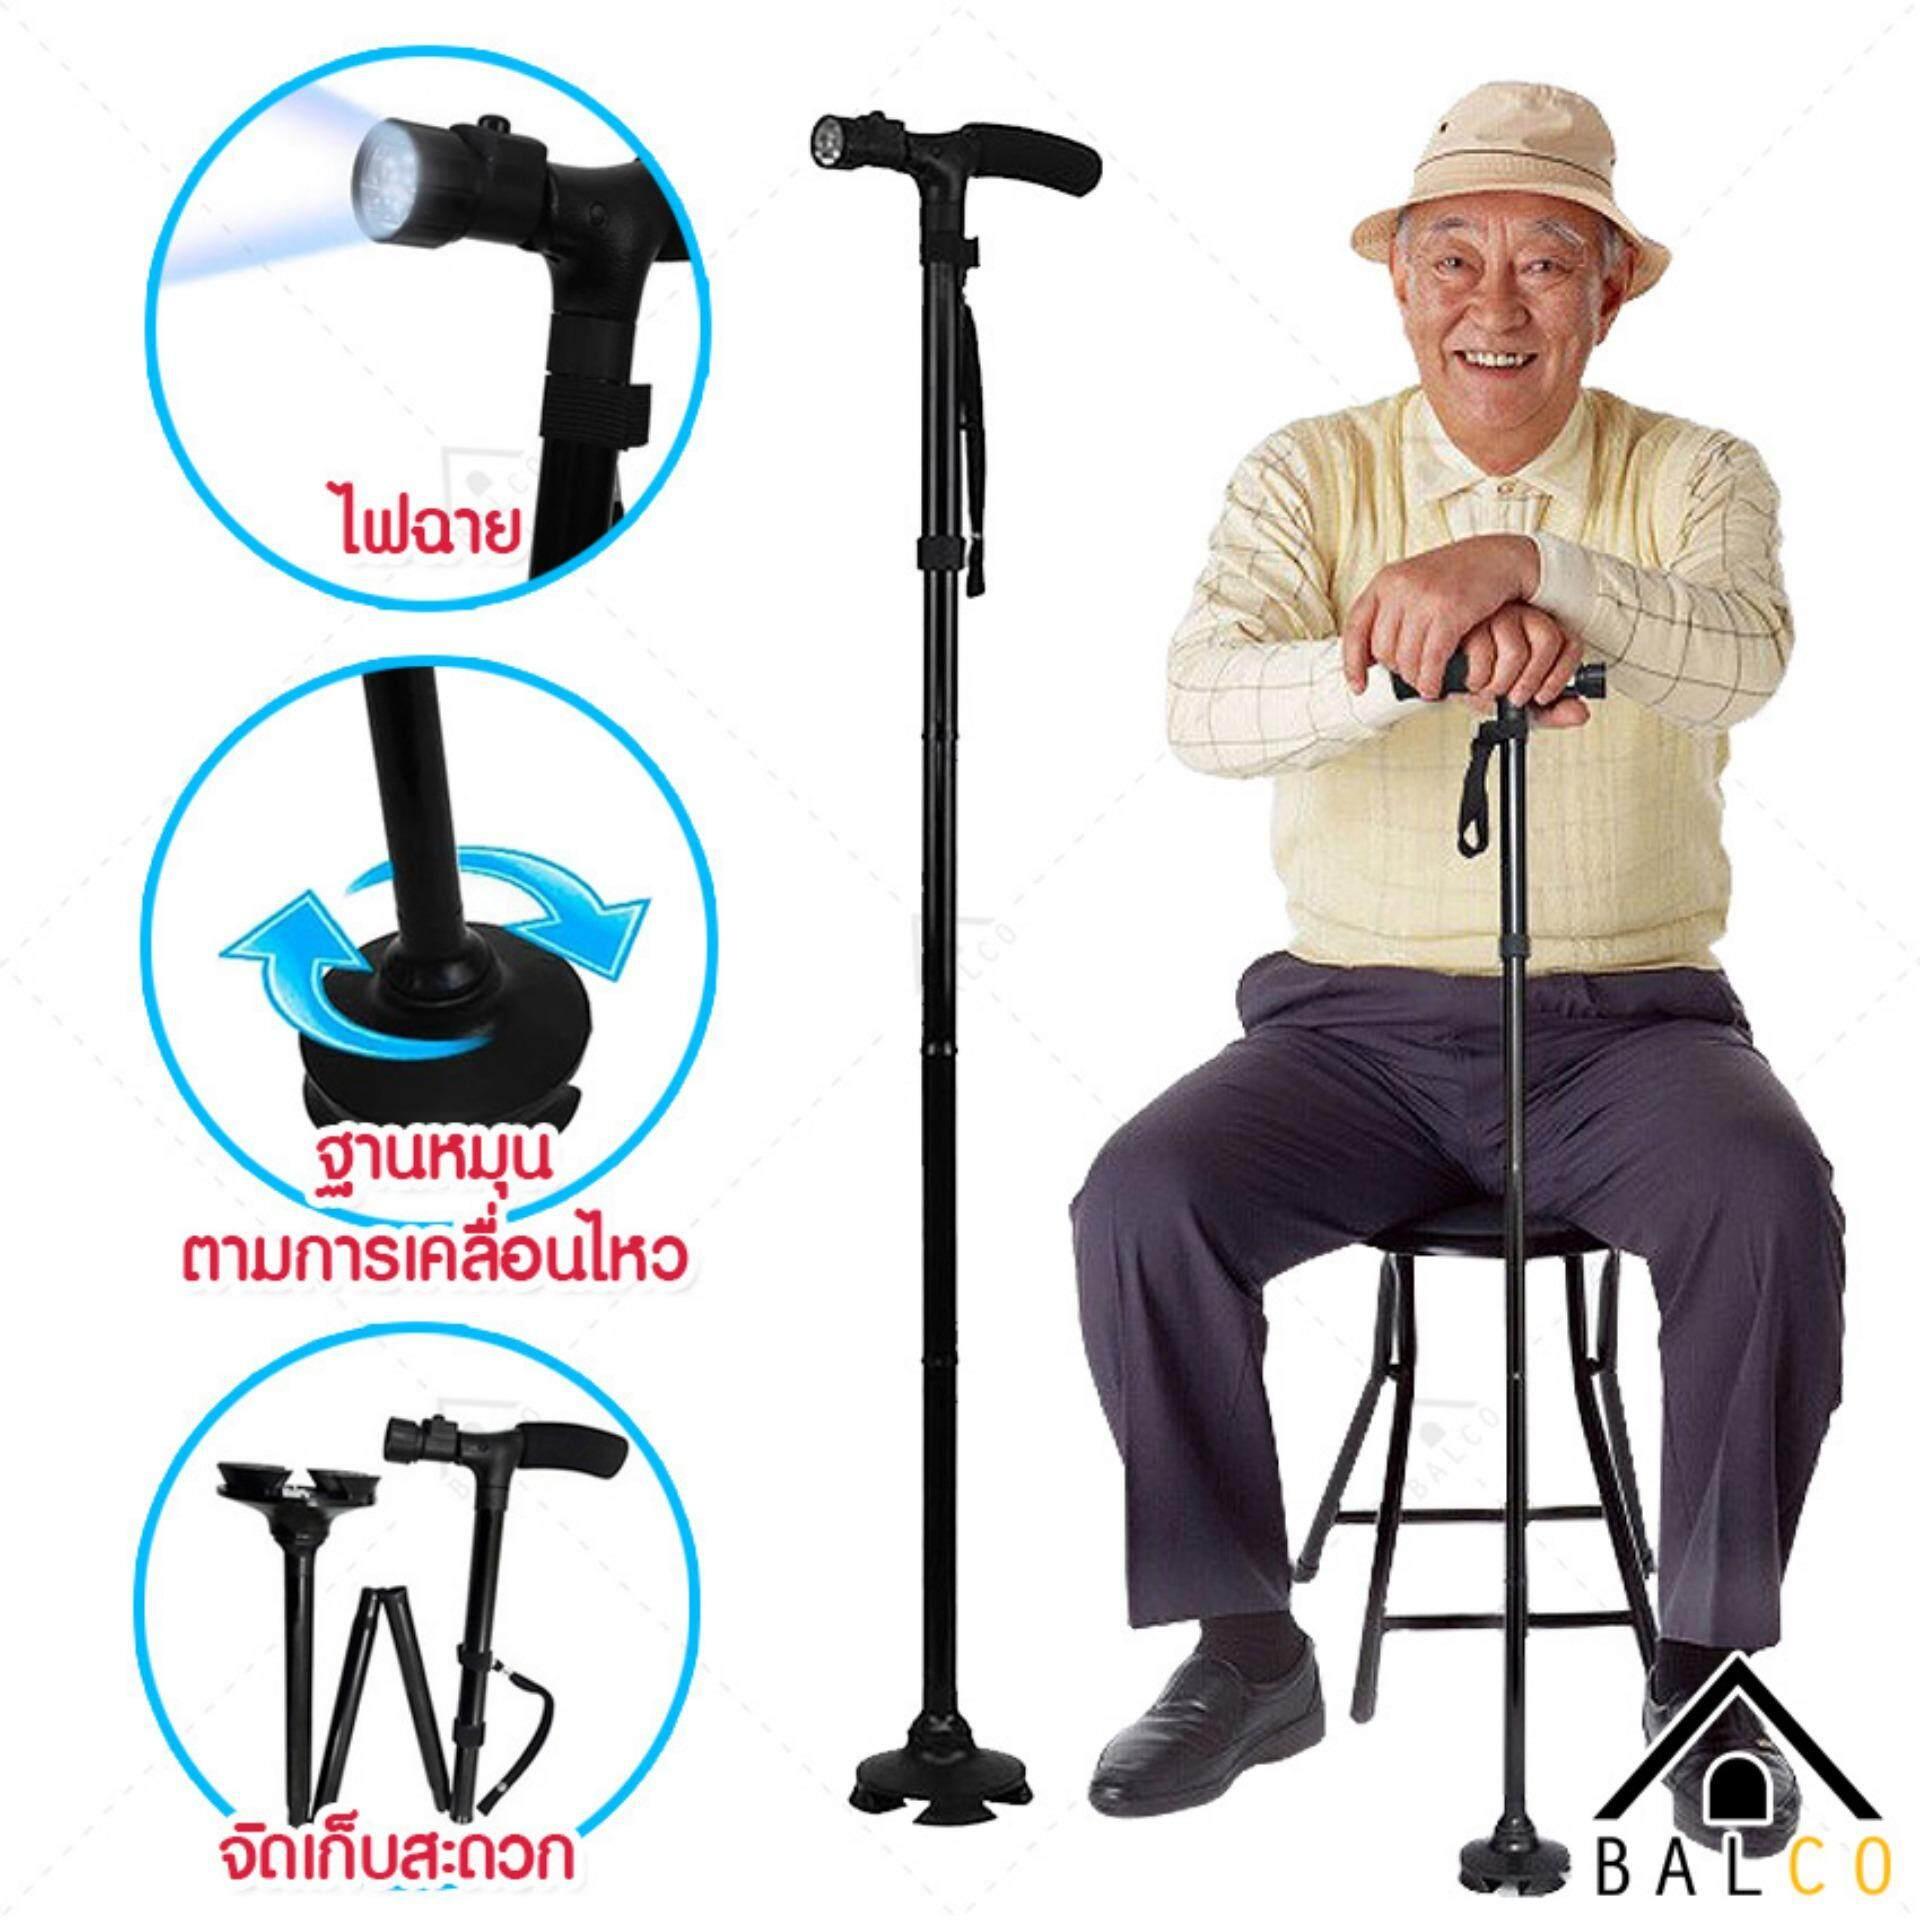 ซื้อ Balco ไม้เท้าอเนกประสงค์ พร้อมไฟฉาย Led Lights ในตัว Ultimate Magic Cane With Flashlight ไม้เท้าพับได้ วัสดุเป็นโลหะ แข็งแรง พกพาสะดวก ใช้พยุงตัว เดินป่า รุ่น Kdh 0006 ออนไลน์ ถูก